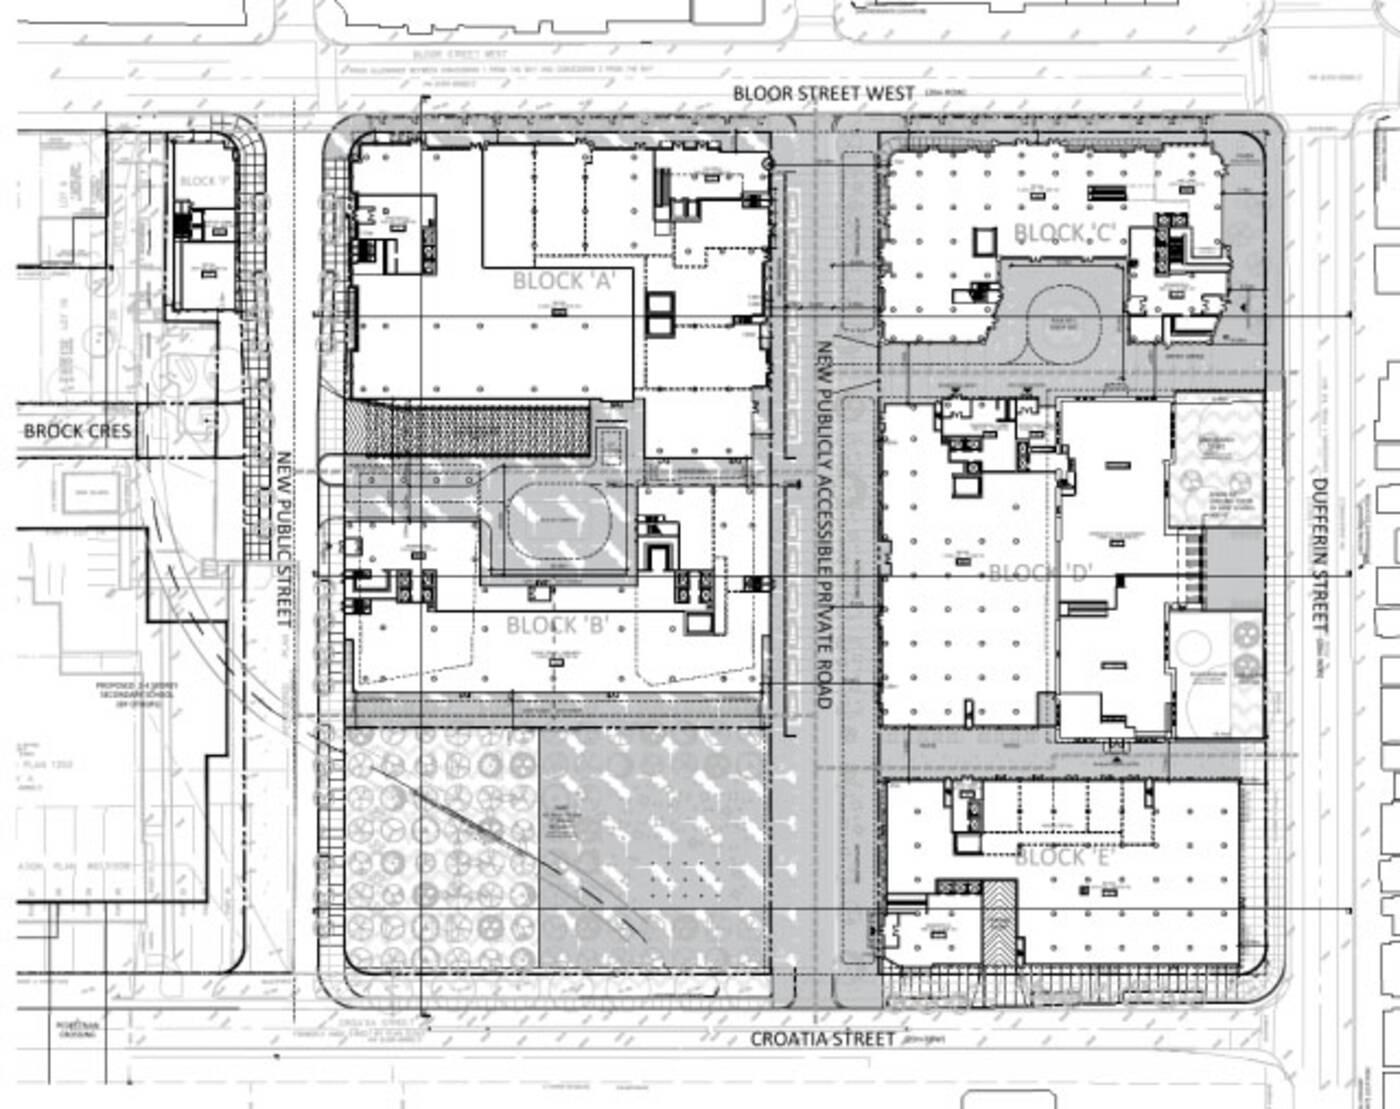 Bloor Dufferin layout